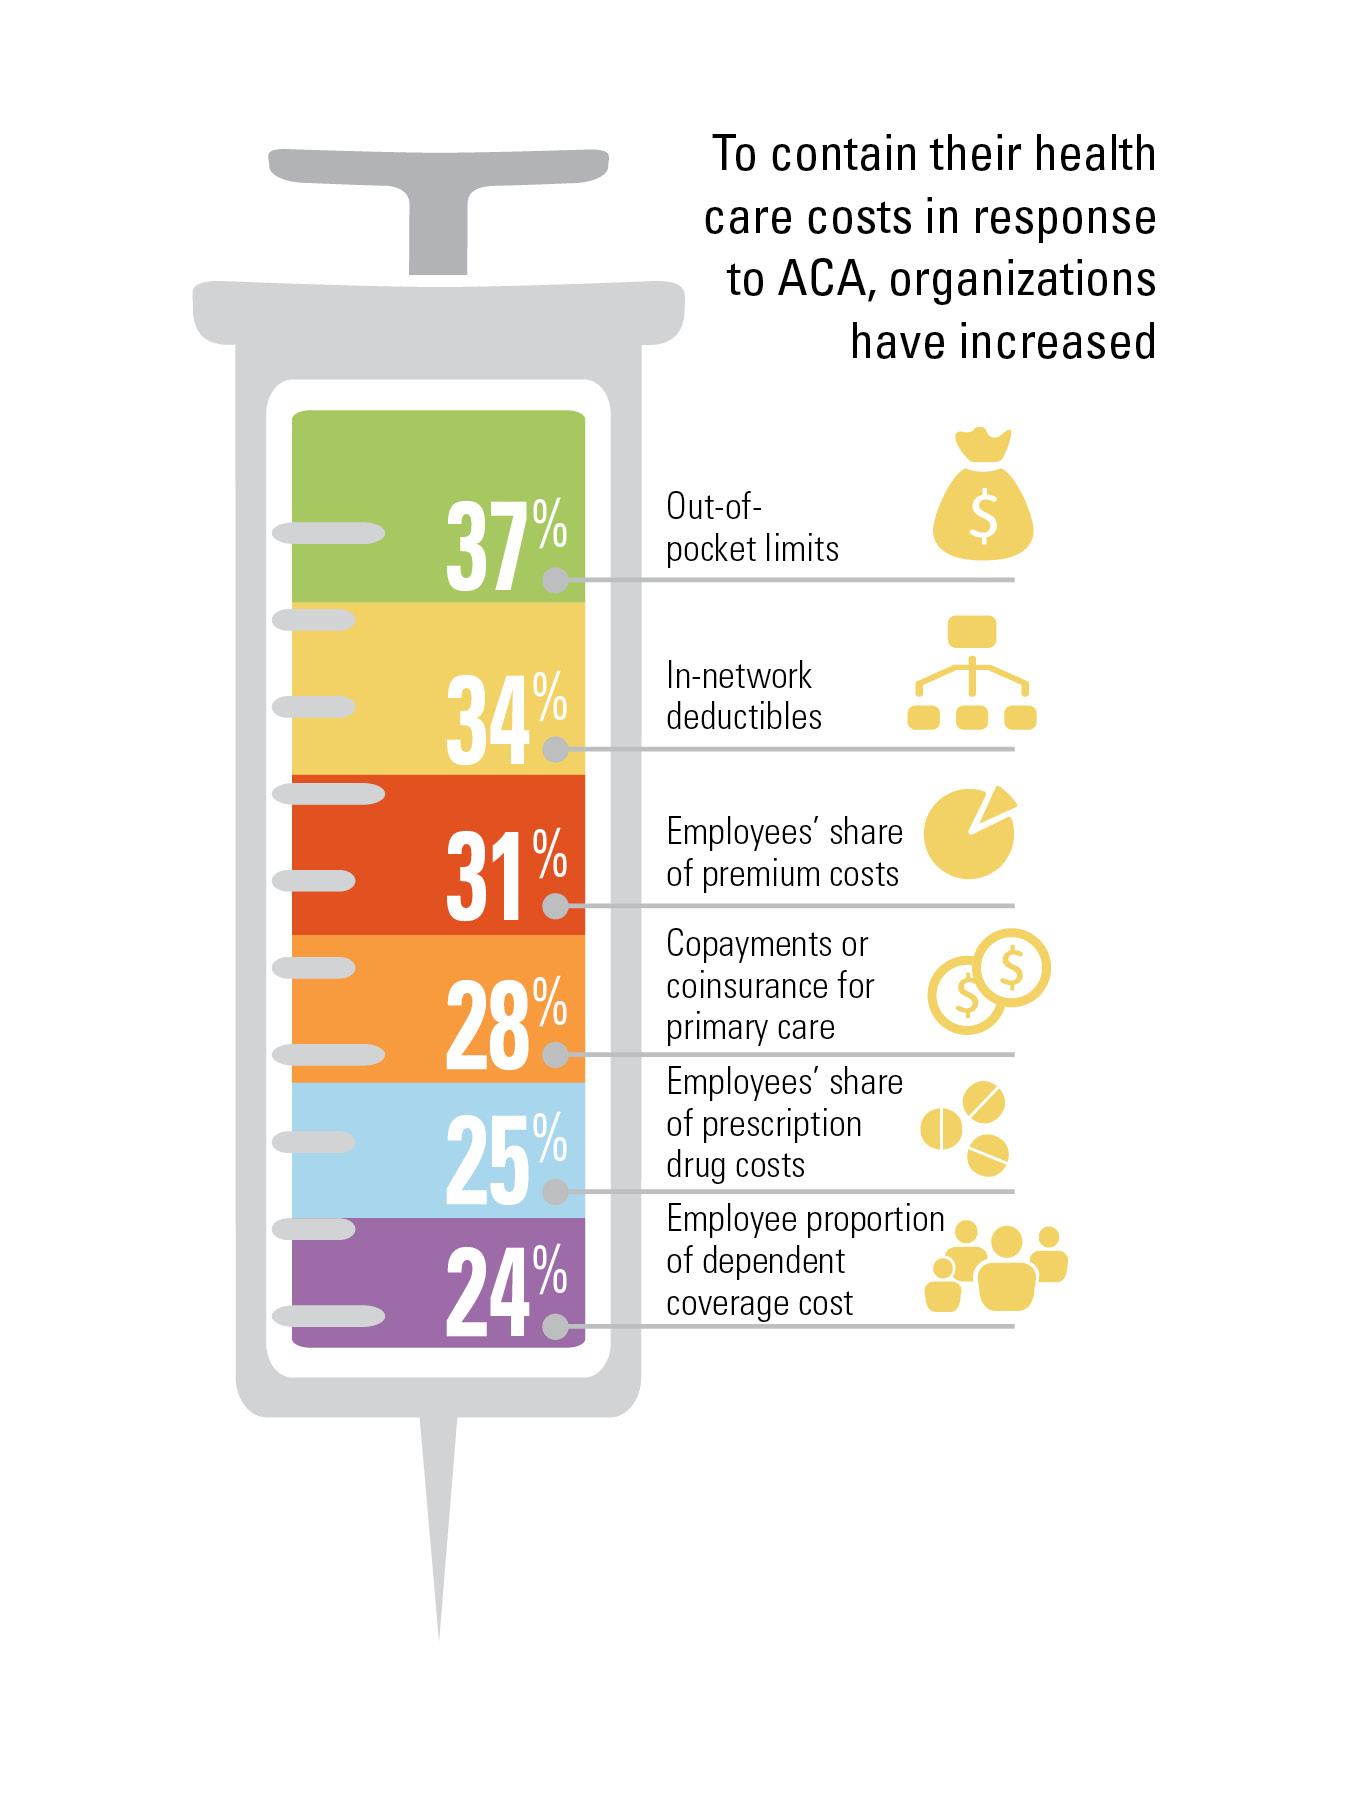 ACA contain costs